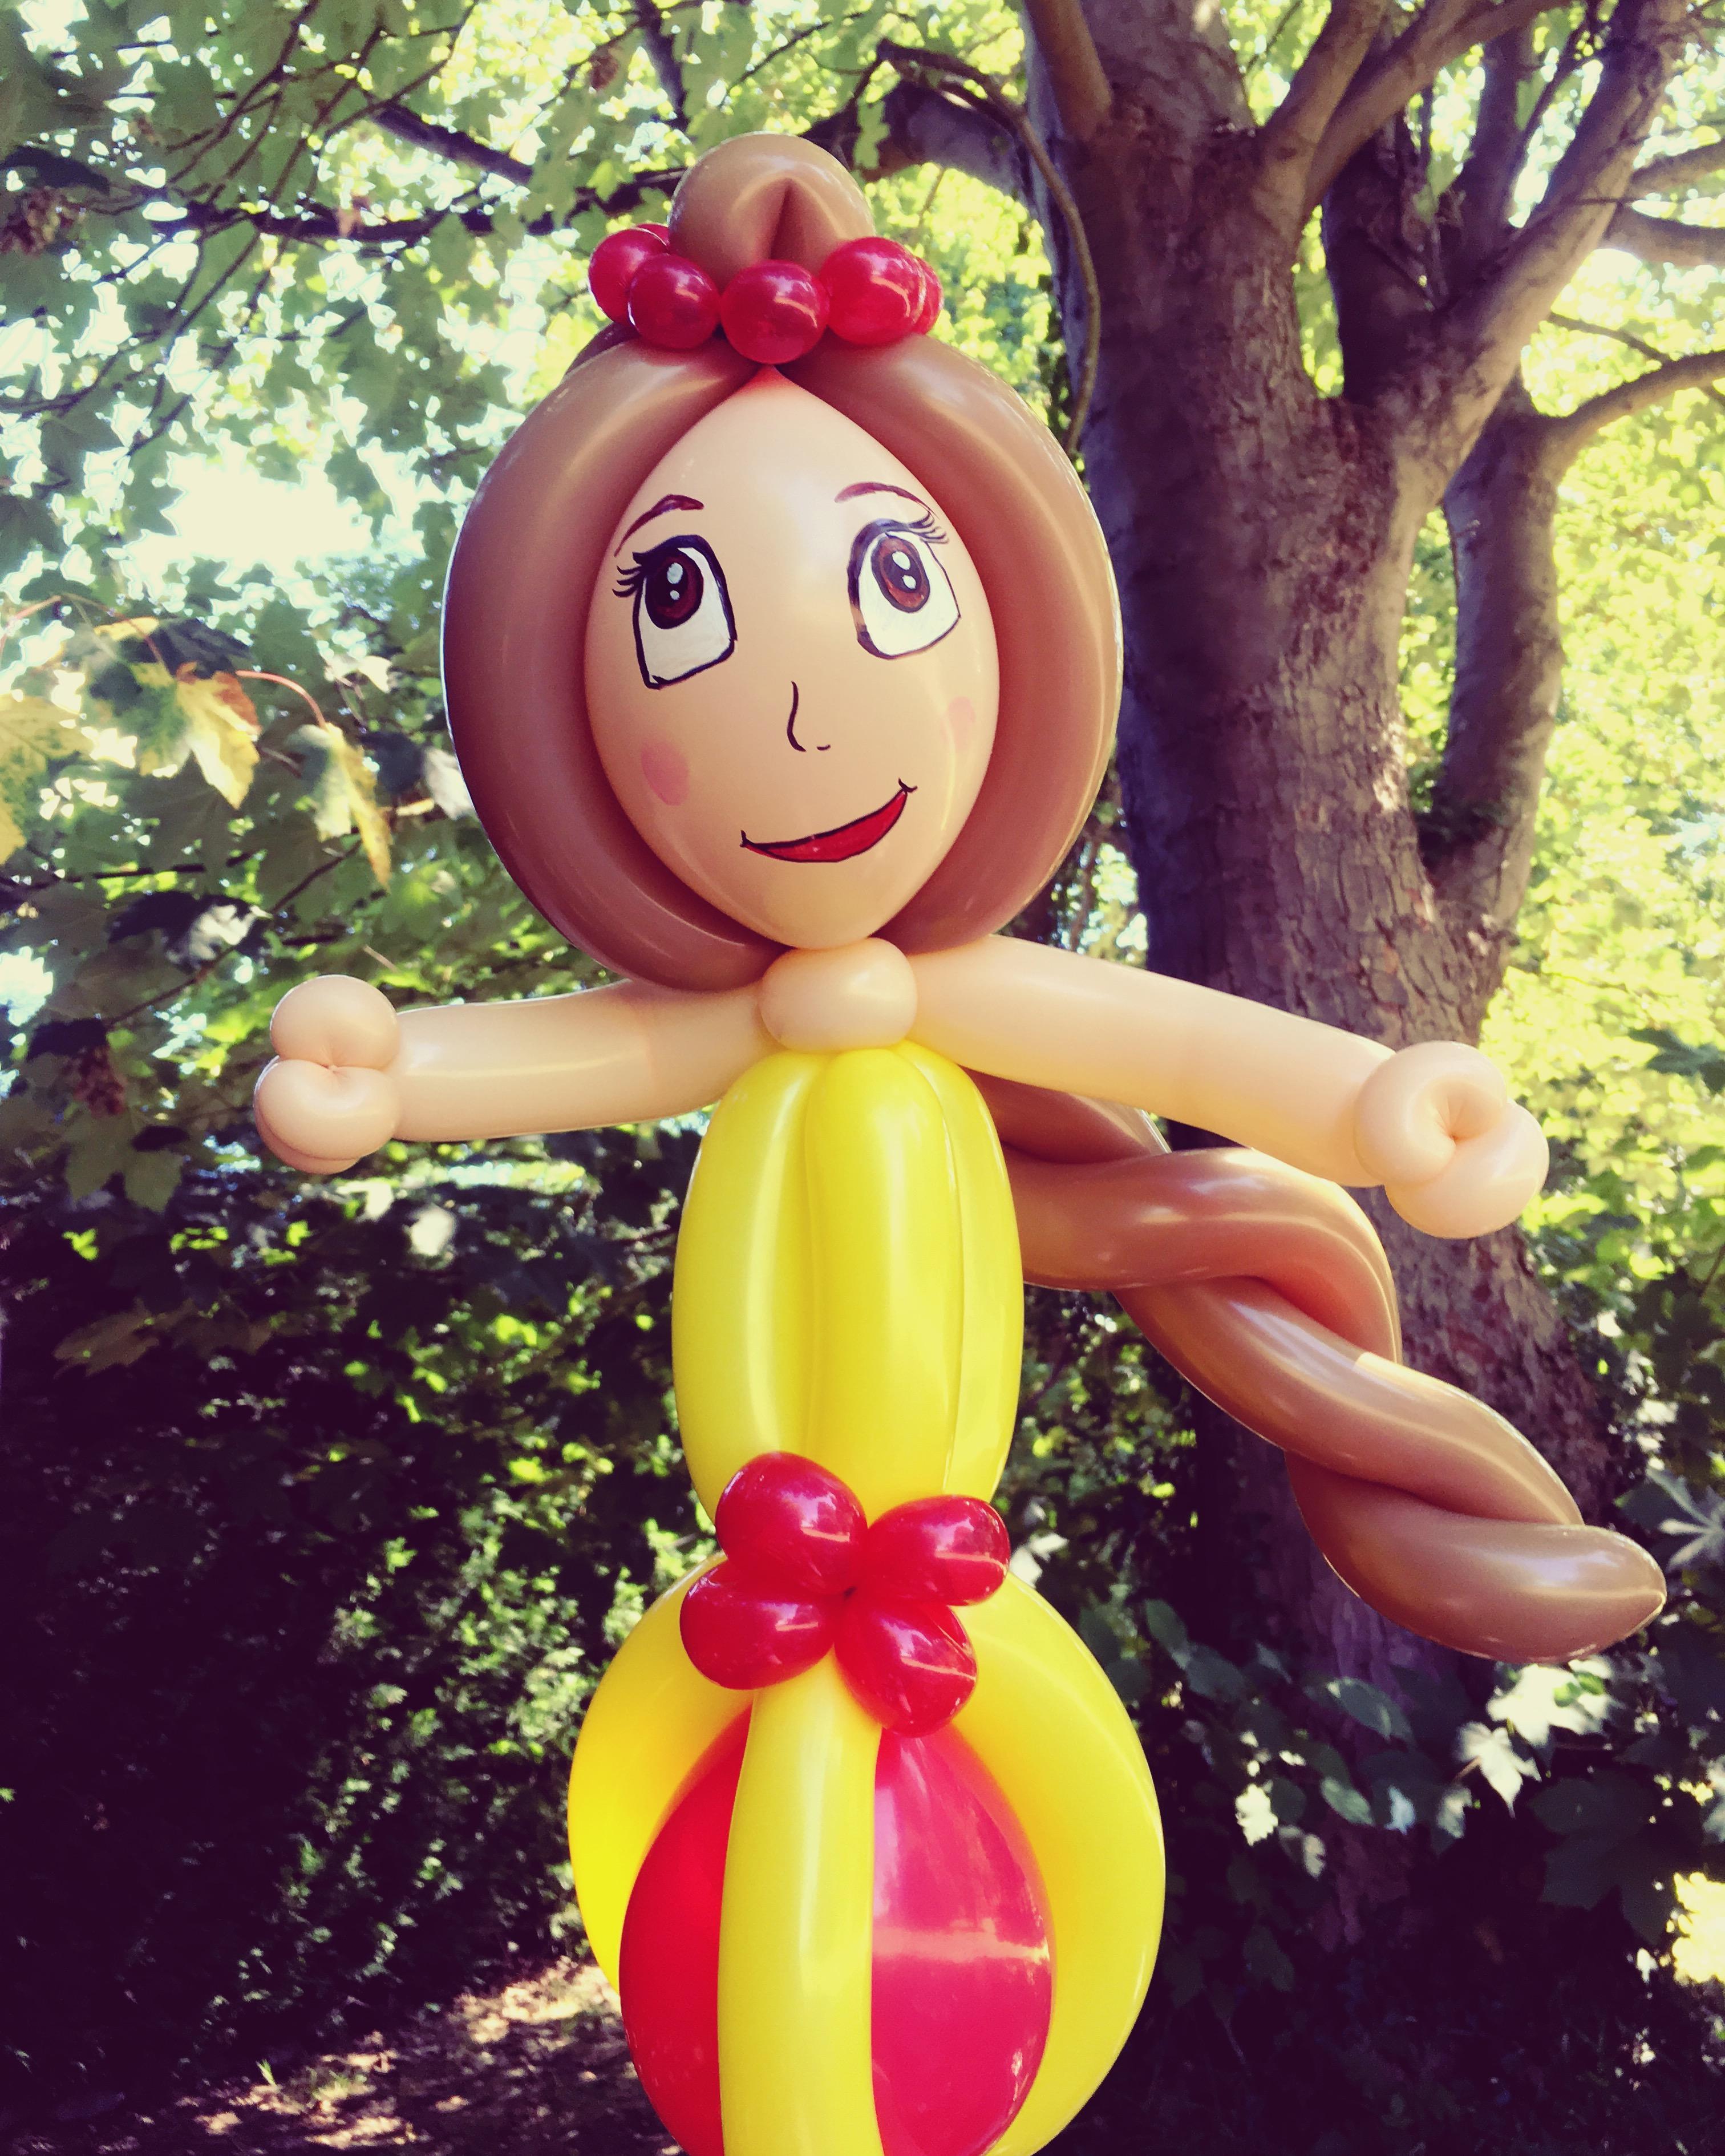 Princess Belle balloon model